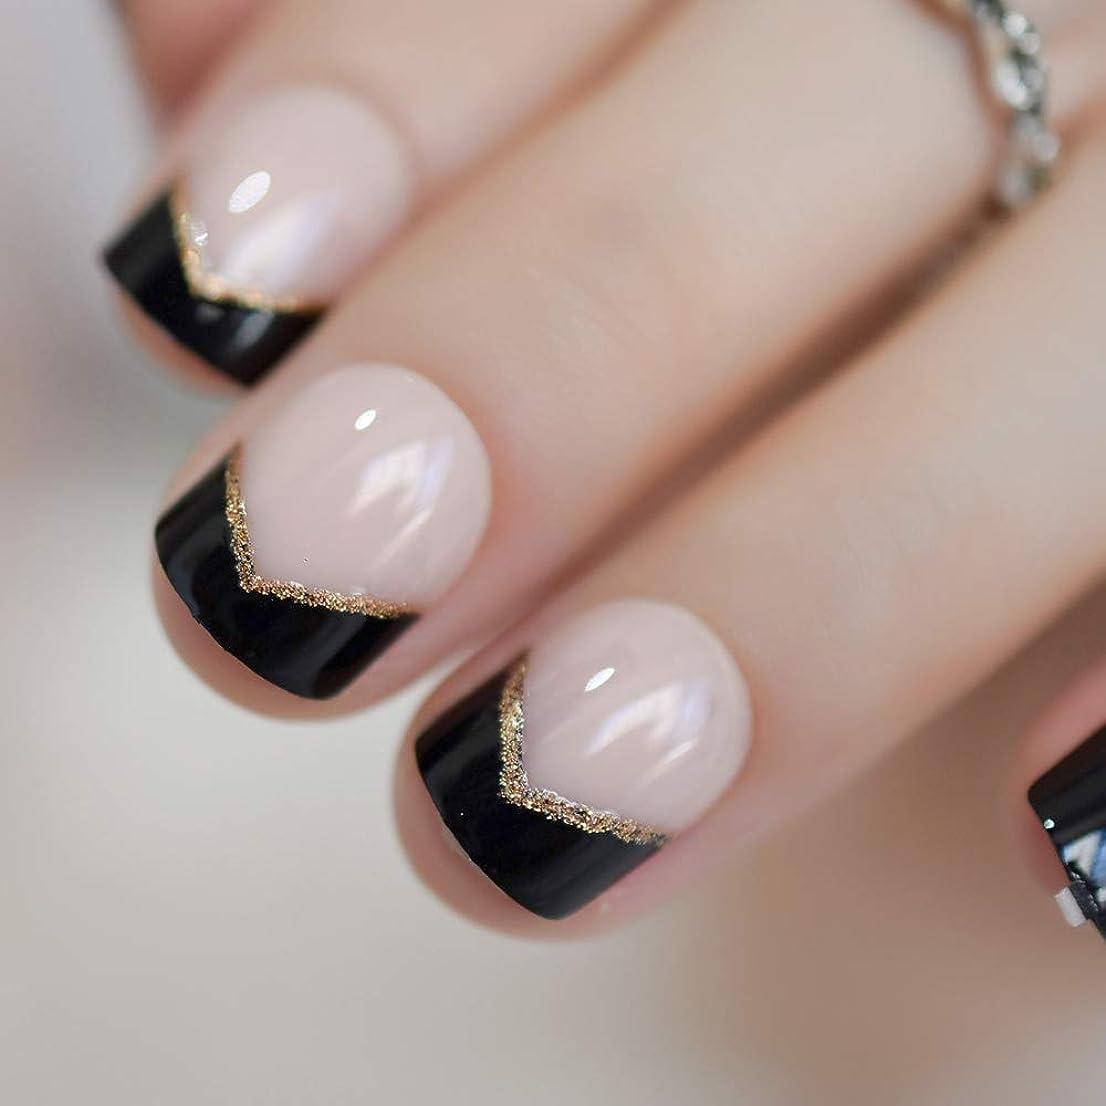 ホールドオール全員に負けるXUTXZKA 短い爪黒のヒントゴールドグリッターアングル装飾された女性のための自然な偽の爪